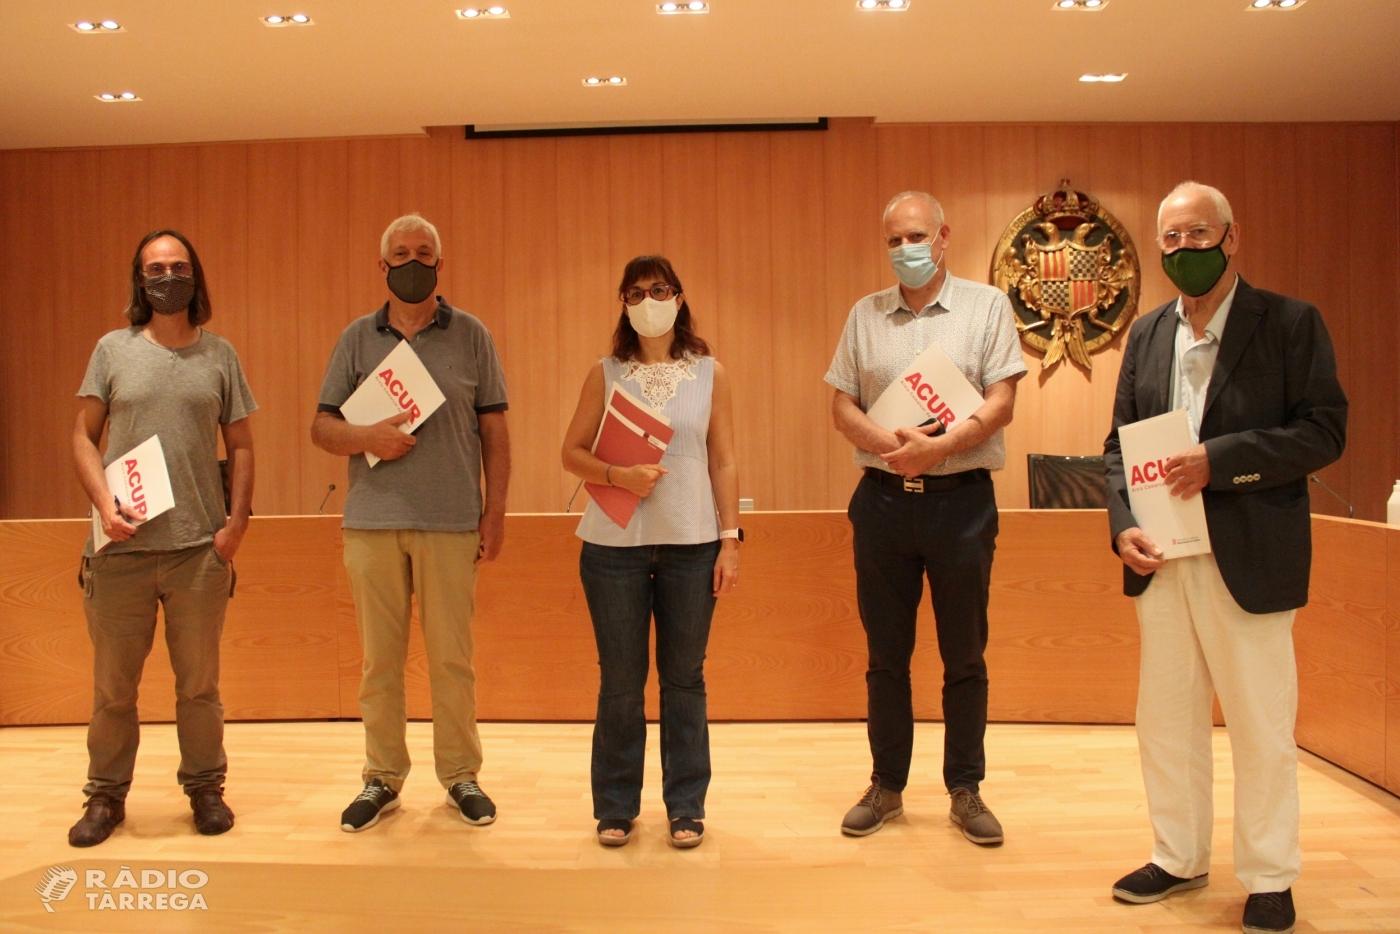 Tàrrega rep en donació el fons fotogràfic personal del periodista Josep Serra Teixidó, el qual es dipositarà a l'Arxiu Comarcal de l'Urgell